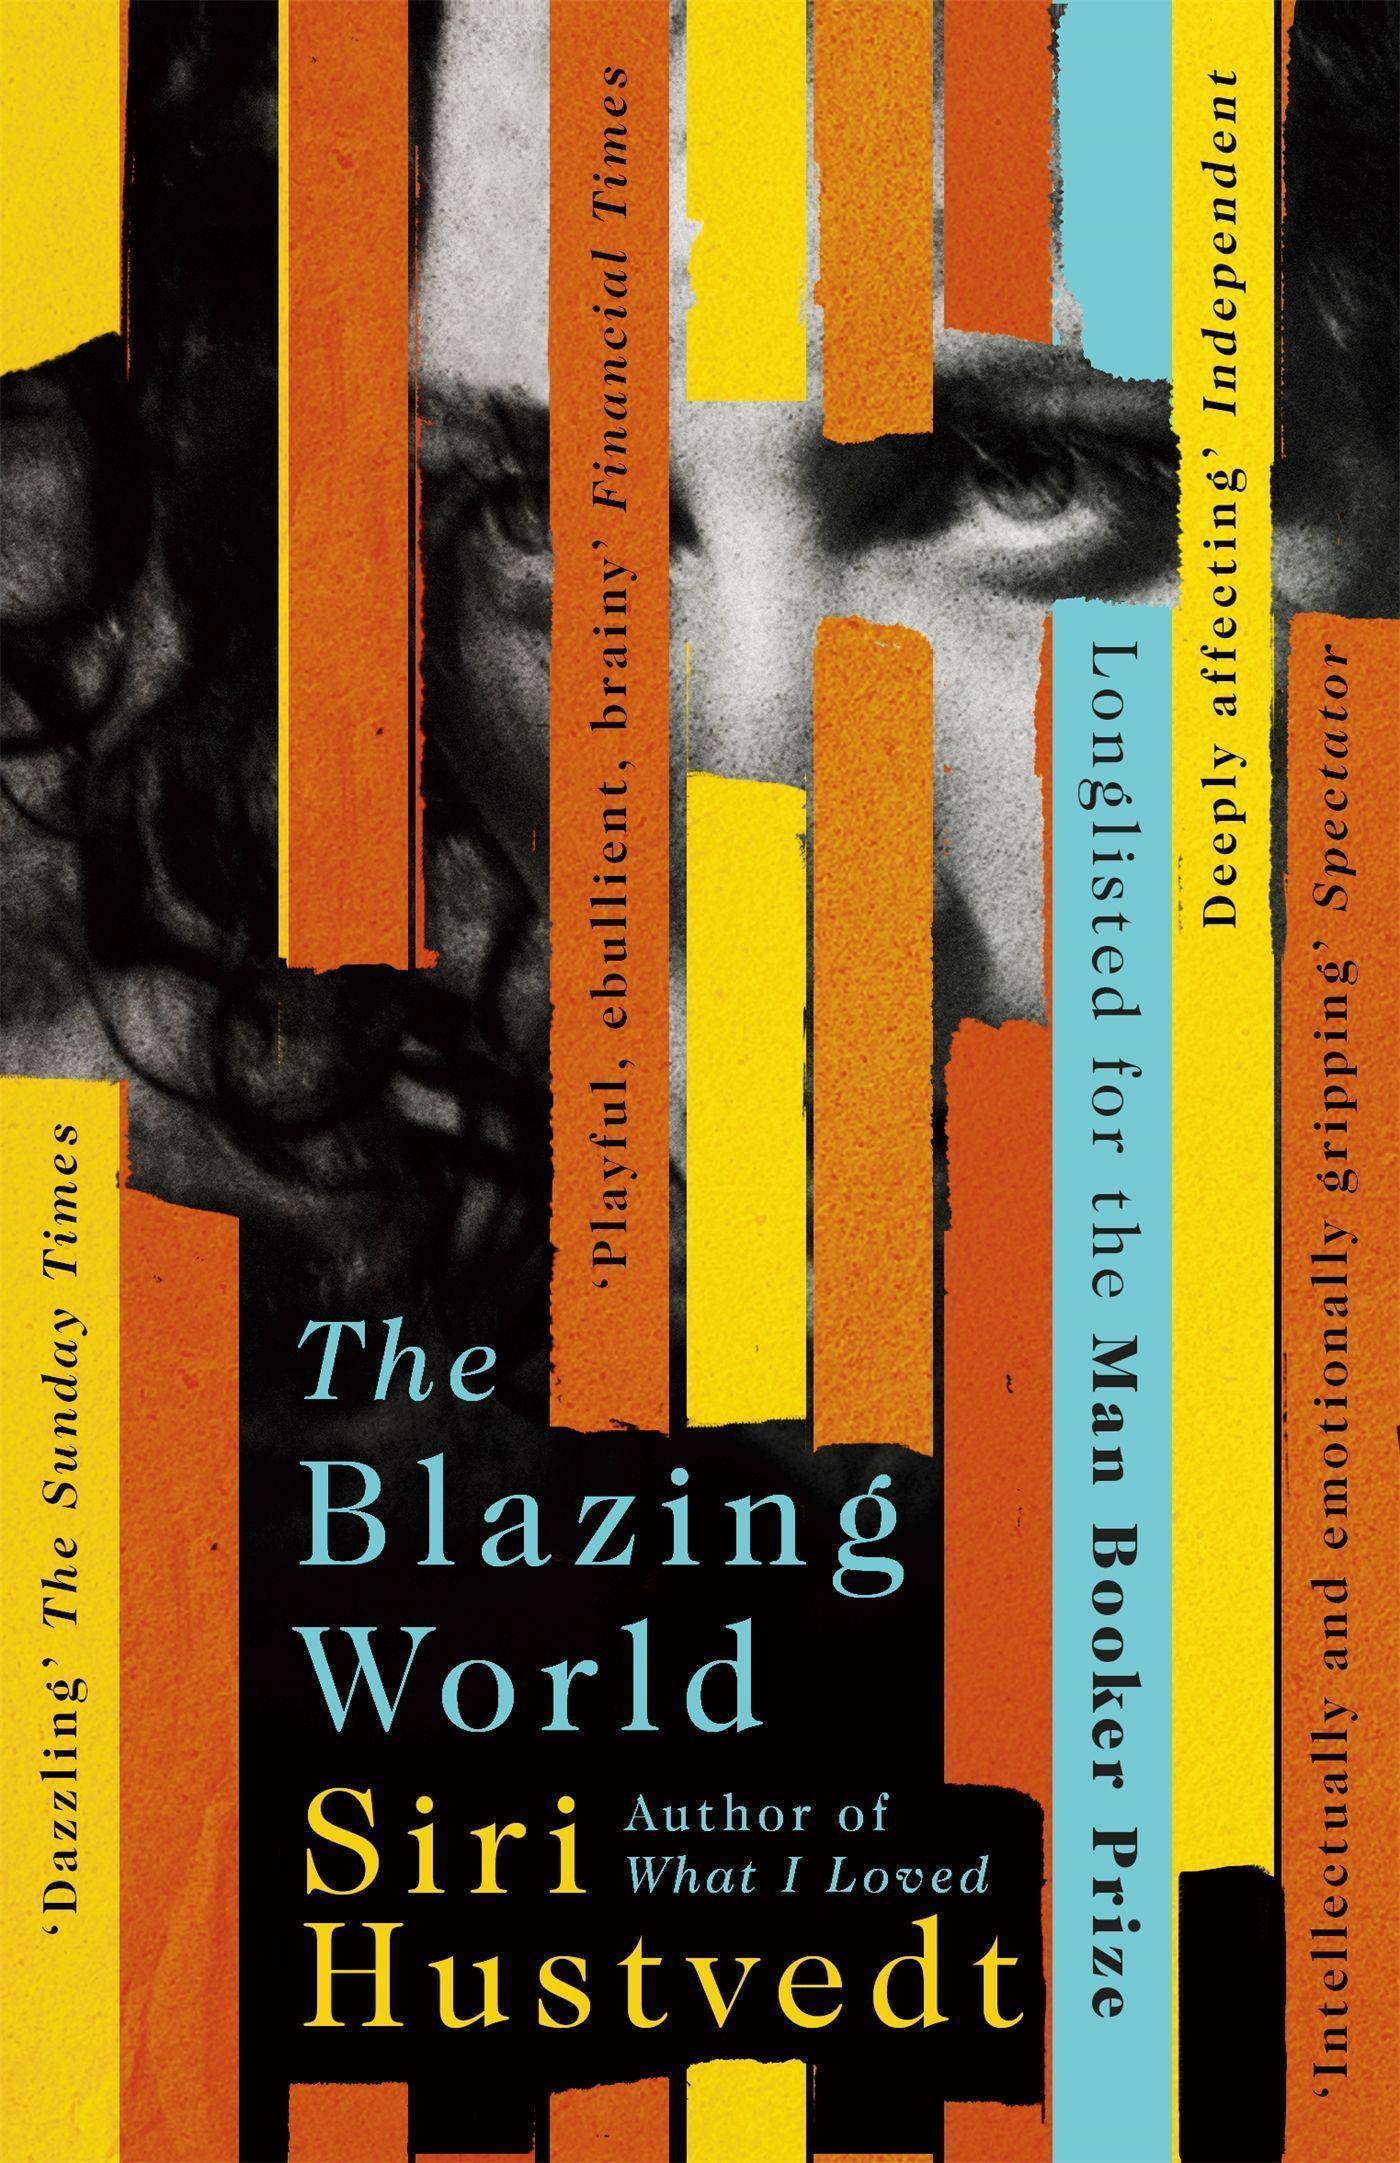 Siri Hustvedt ~ The Blazing World 9781444779660